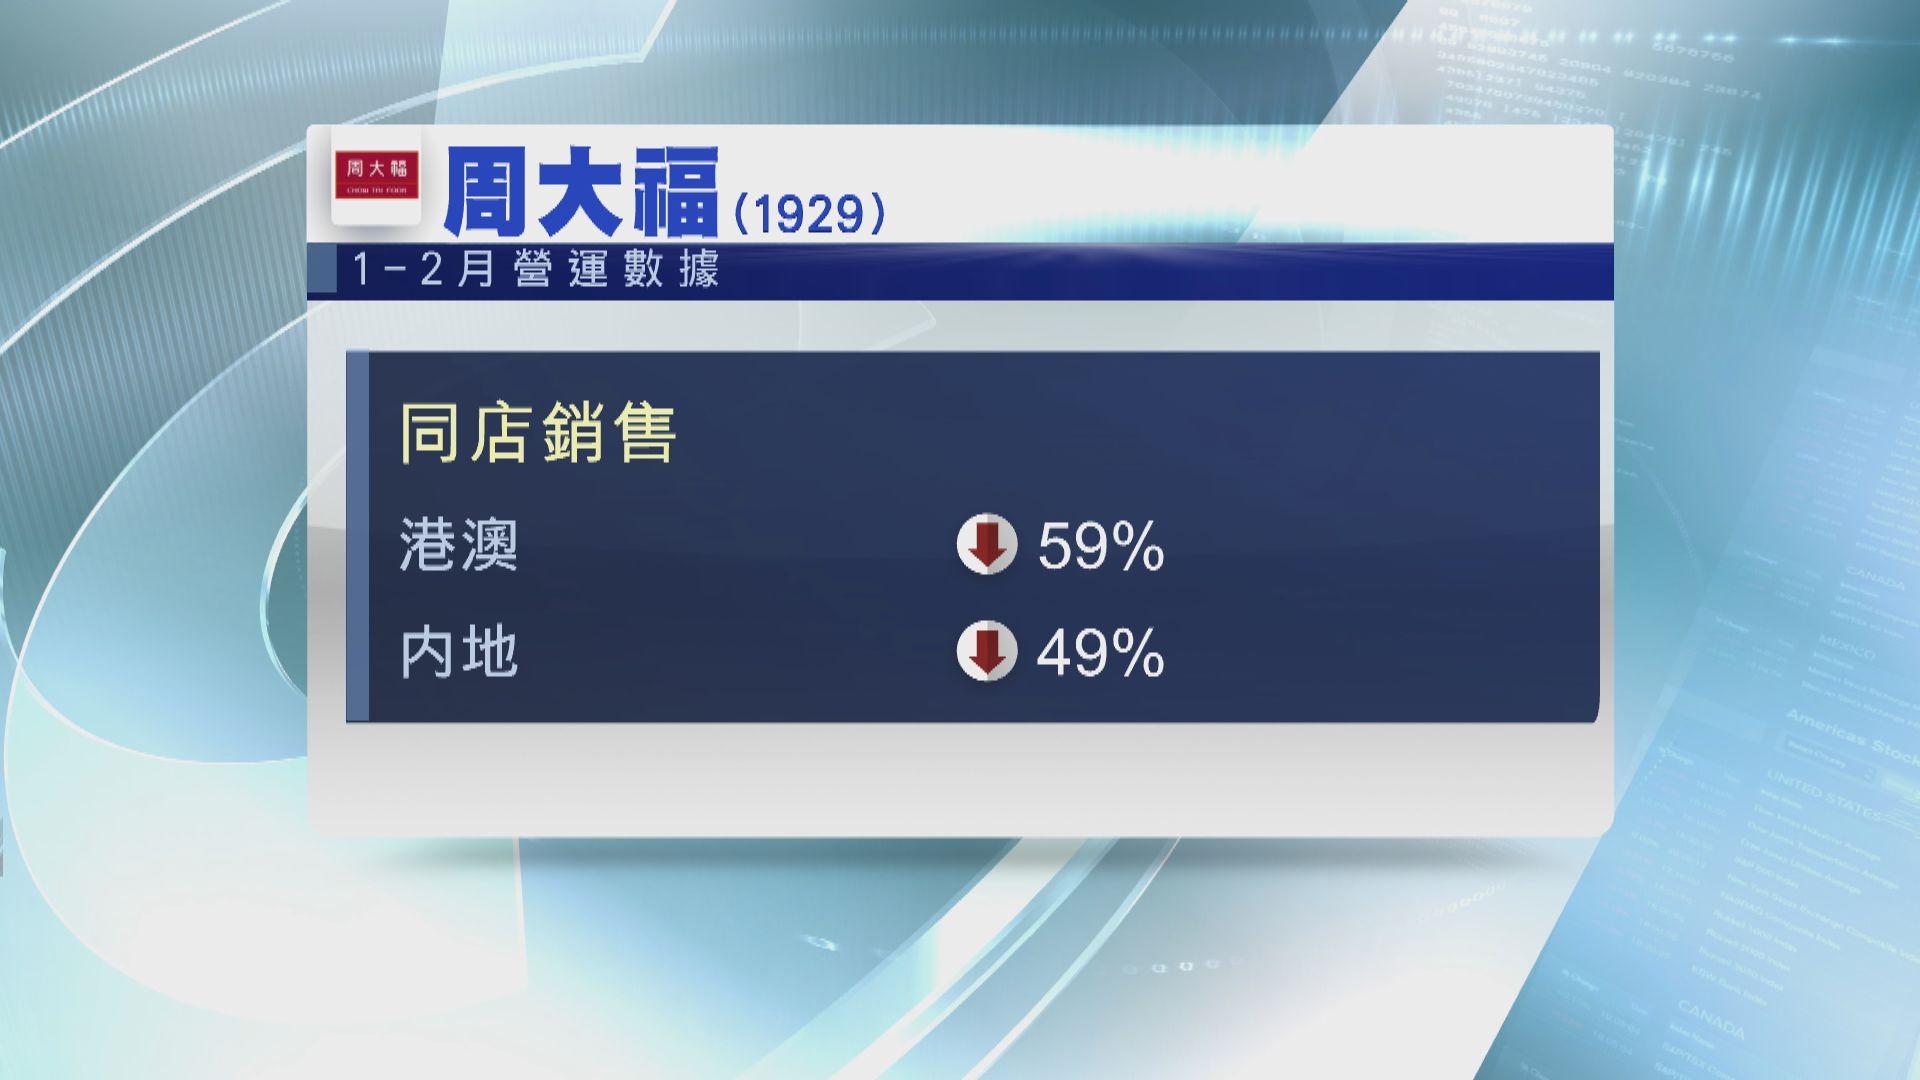 【業績速遞】周大福首兩個月港澳同店銷售 跌逾五成